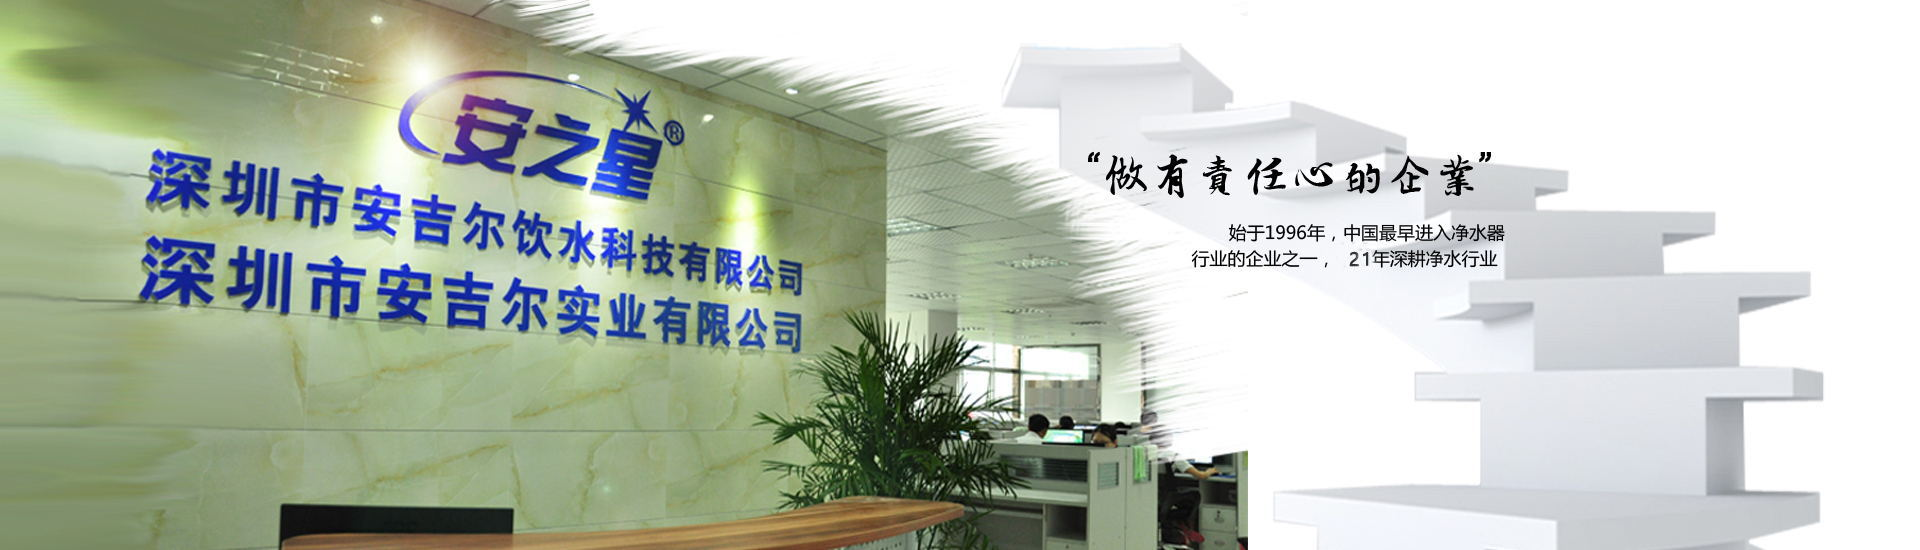 广州市安吉尔饮水科技有限公司